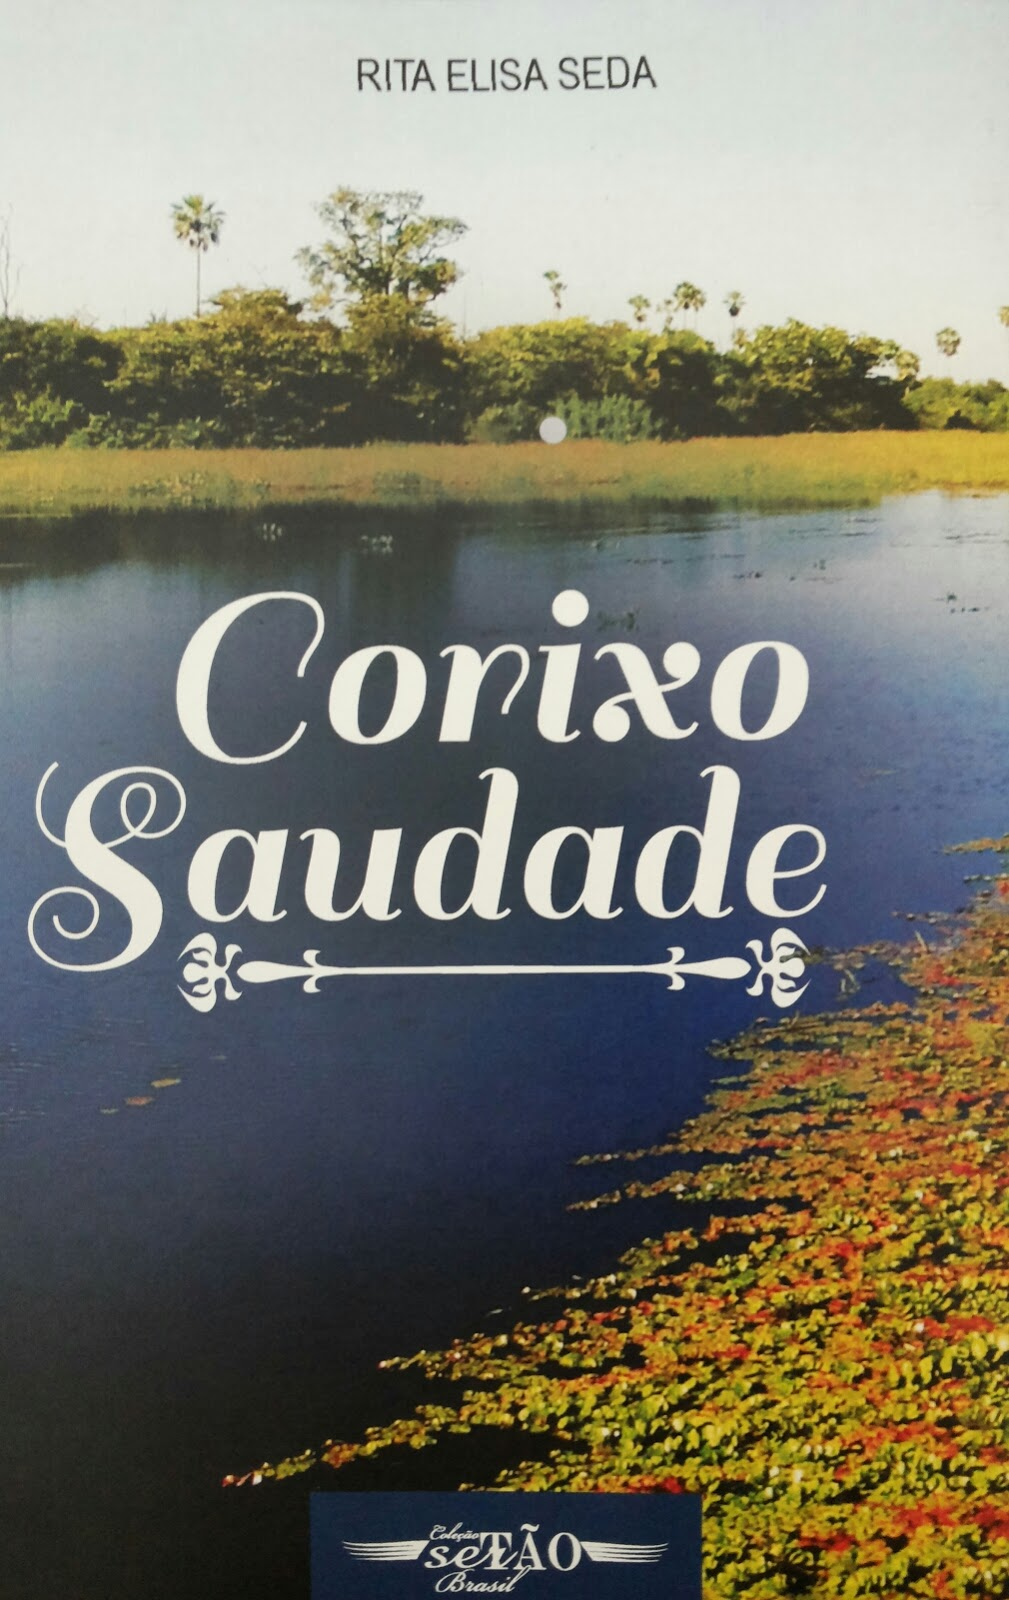 CORIXO SAUDADE